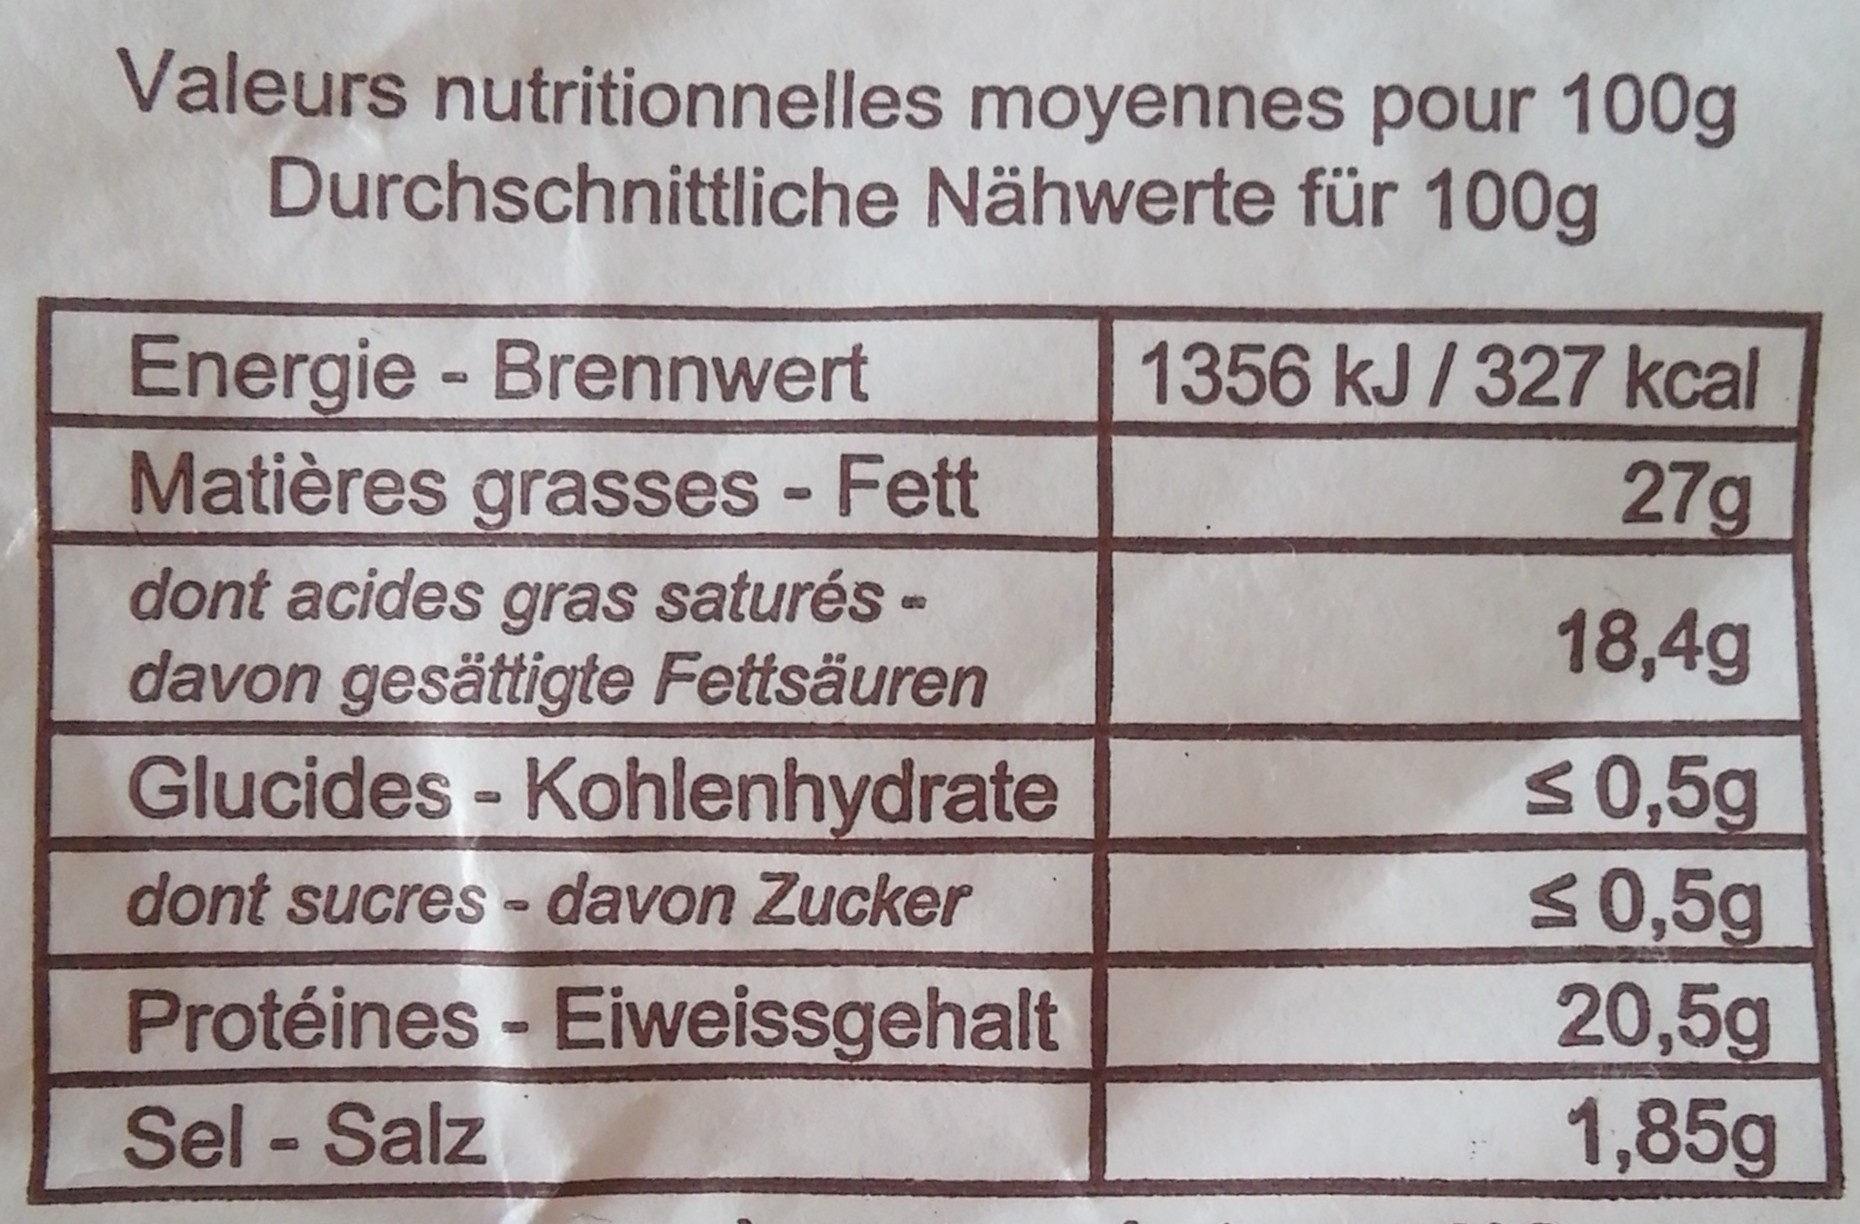 Le Vallon, Artisan Affineur depuis 1889 - Nutrition facts